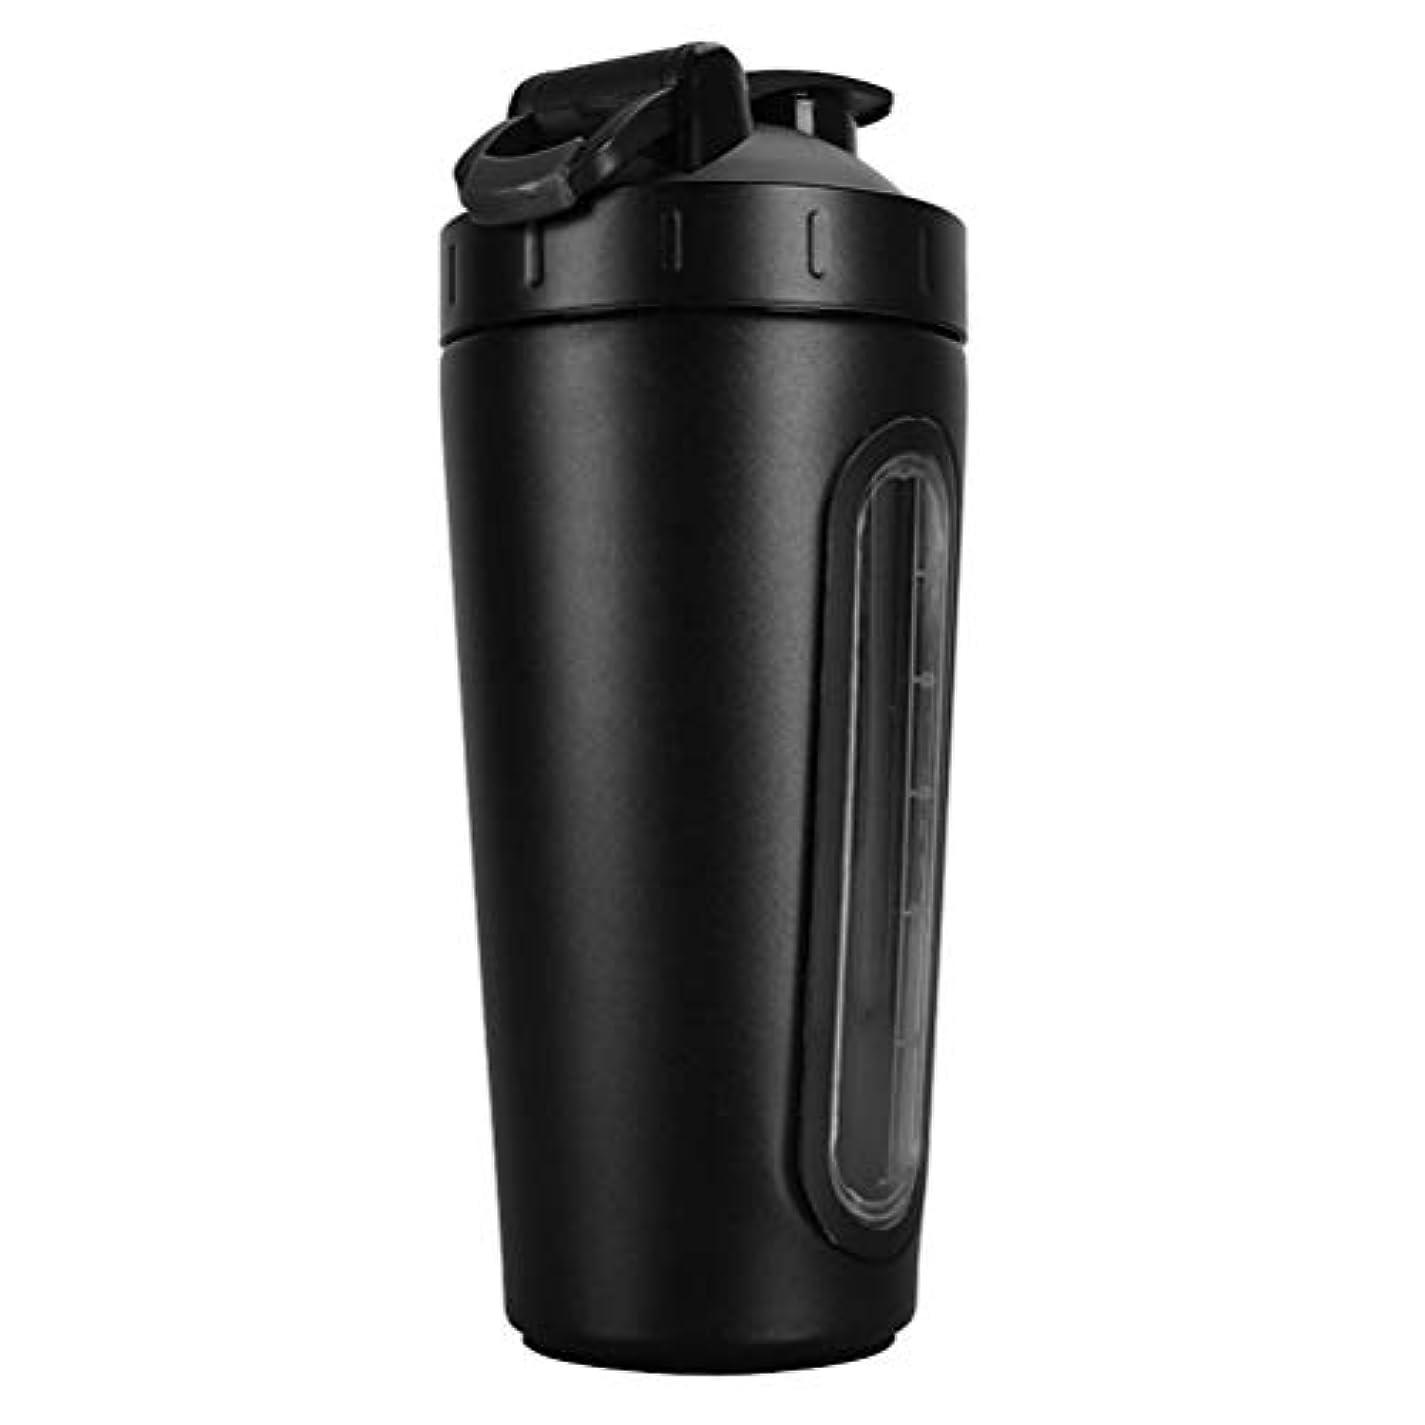 閃光養うスペアErose-BD 2019新型 304ステンレスプロテインシェイカーボトル プロテインシェイカー シェイカー ボトル 水筒 ウォーターボトル (800ml) 1個 黒